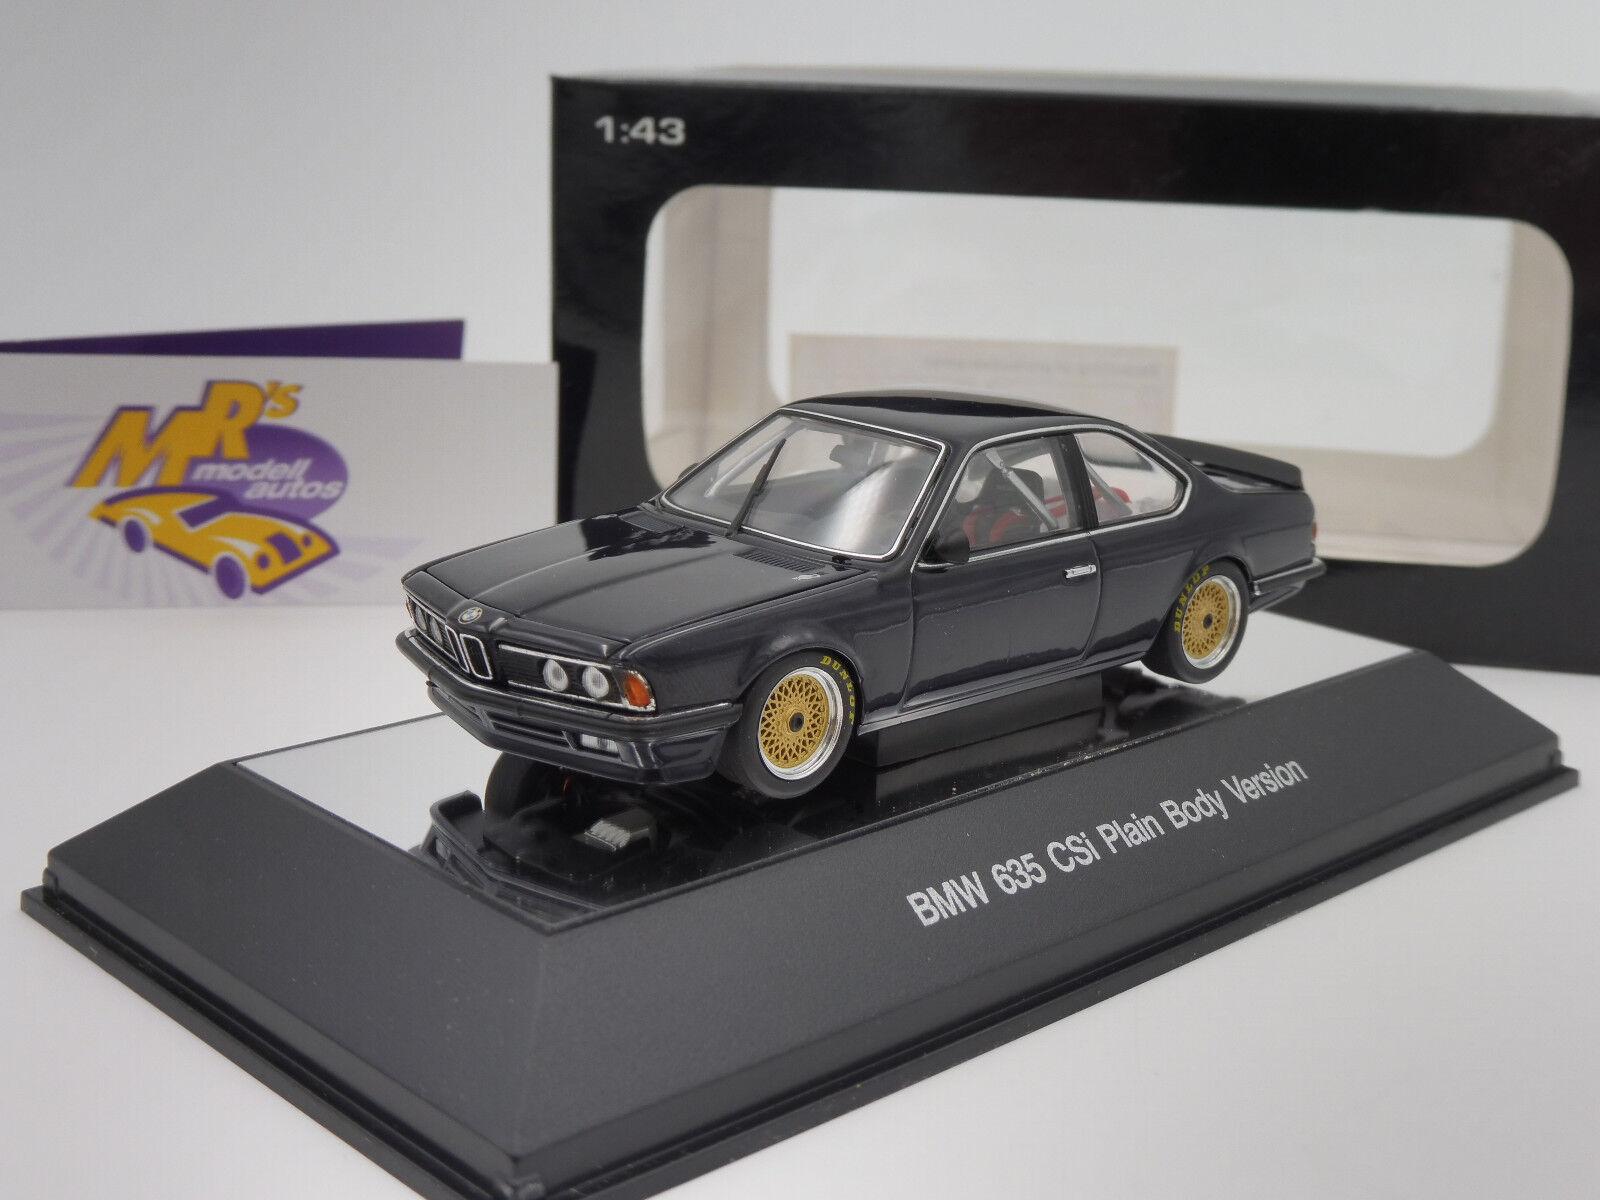 AUTOart 68444   BMW 635 CSi Baujahr 1984 Plain Body Version   dunkelblau   1 43  | Online Store